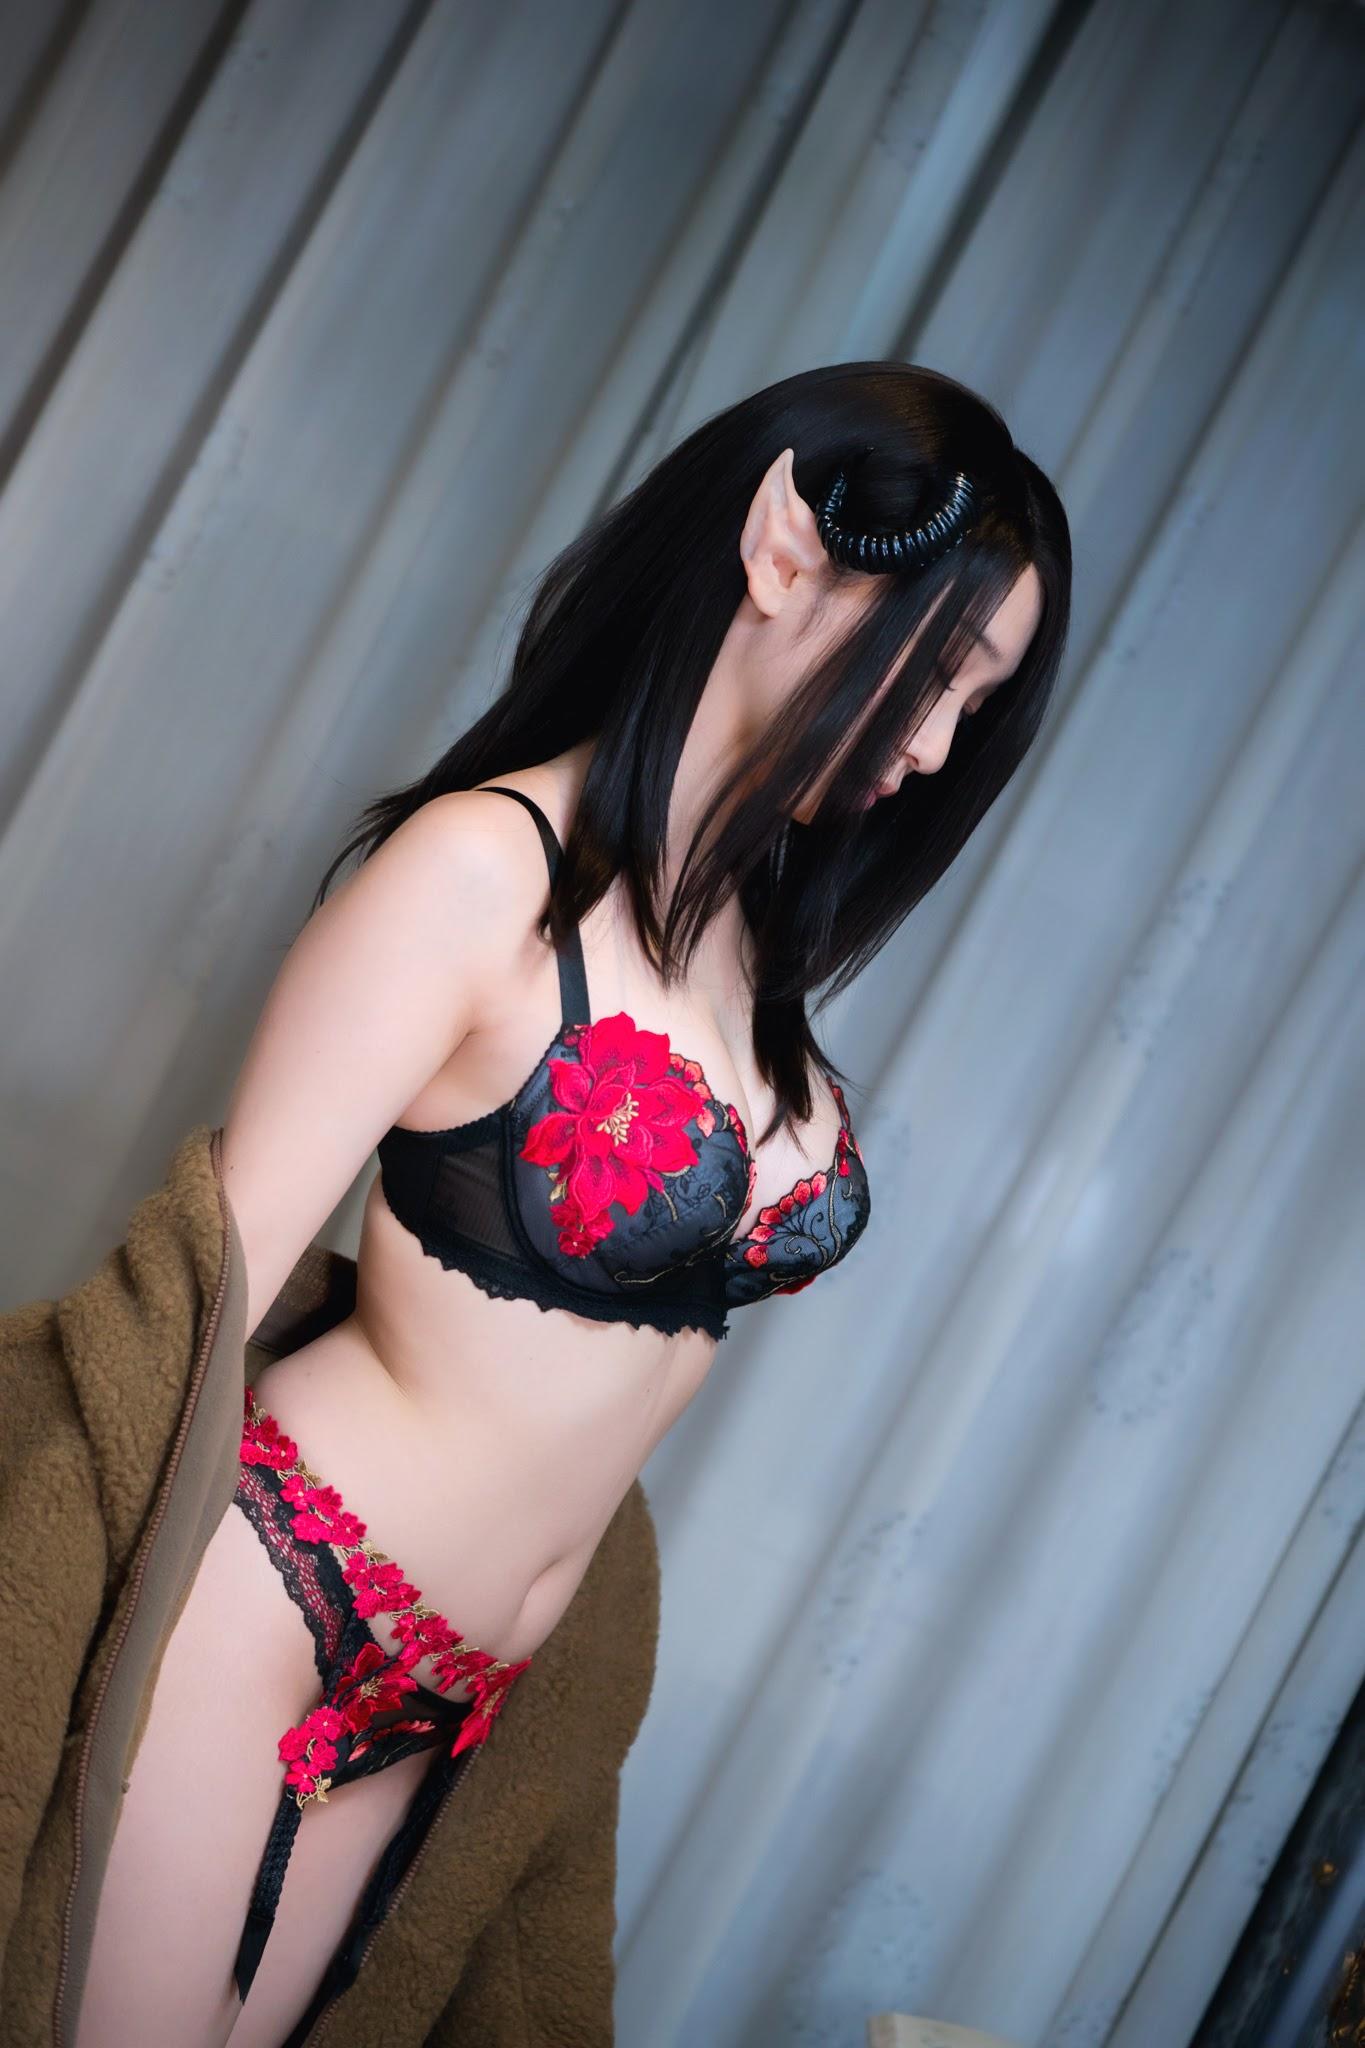 Succubus Girl Moe Iori333